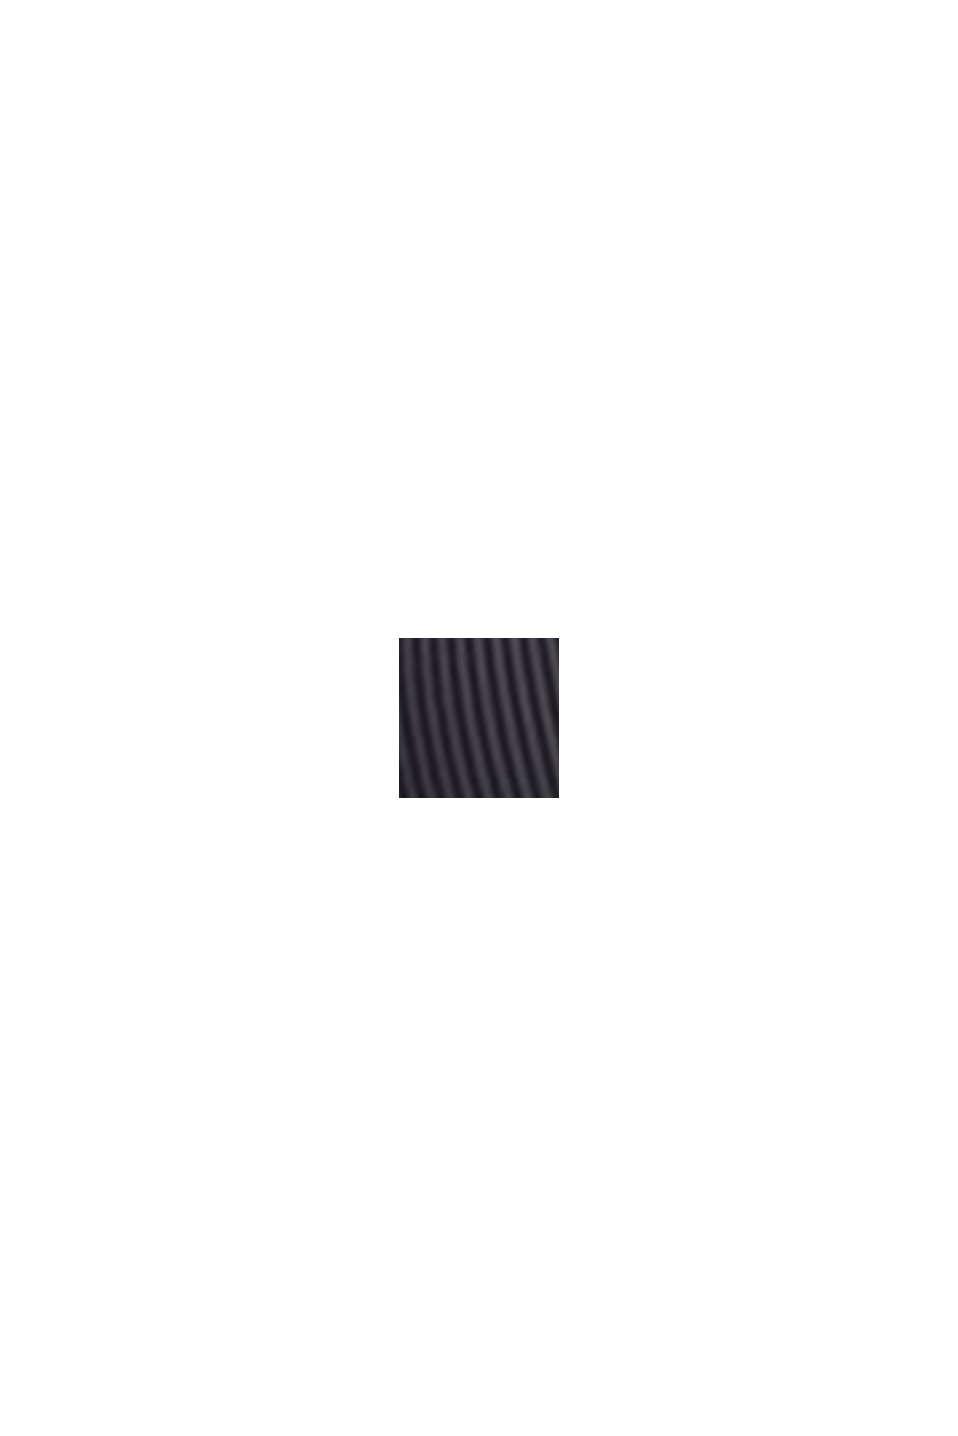 In materiale riciclato: culotte corte in microfibra, DARK GREY, swatch